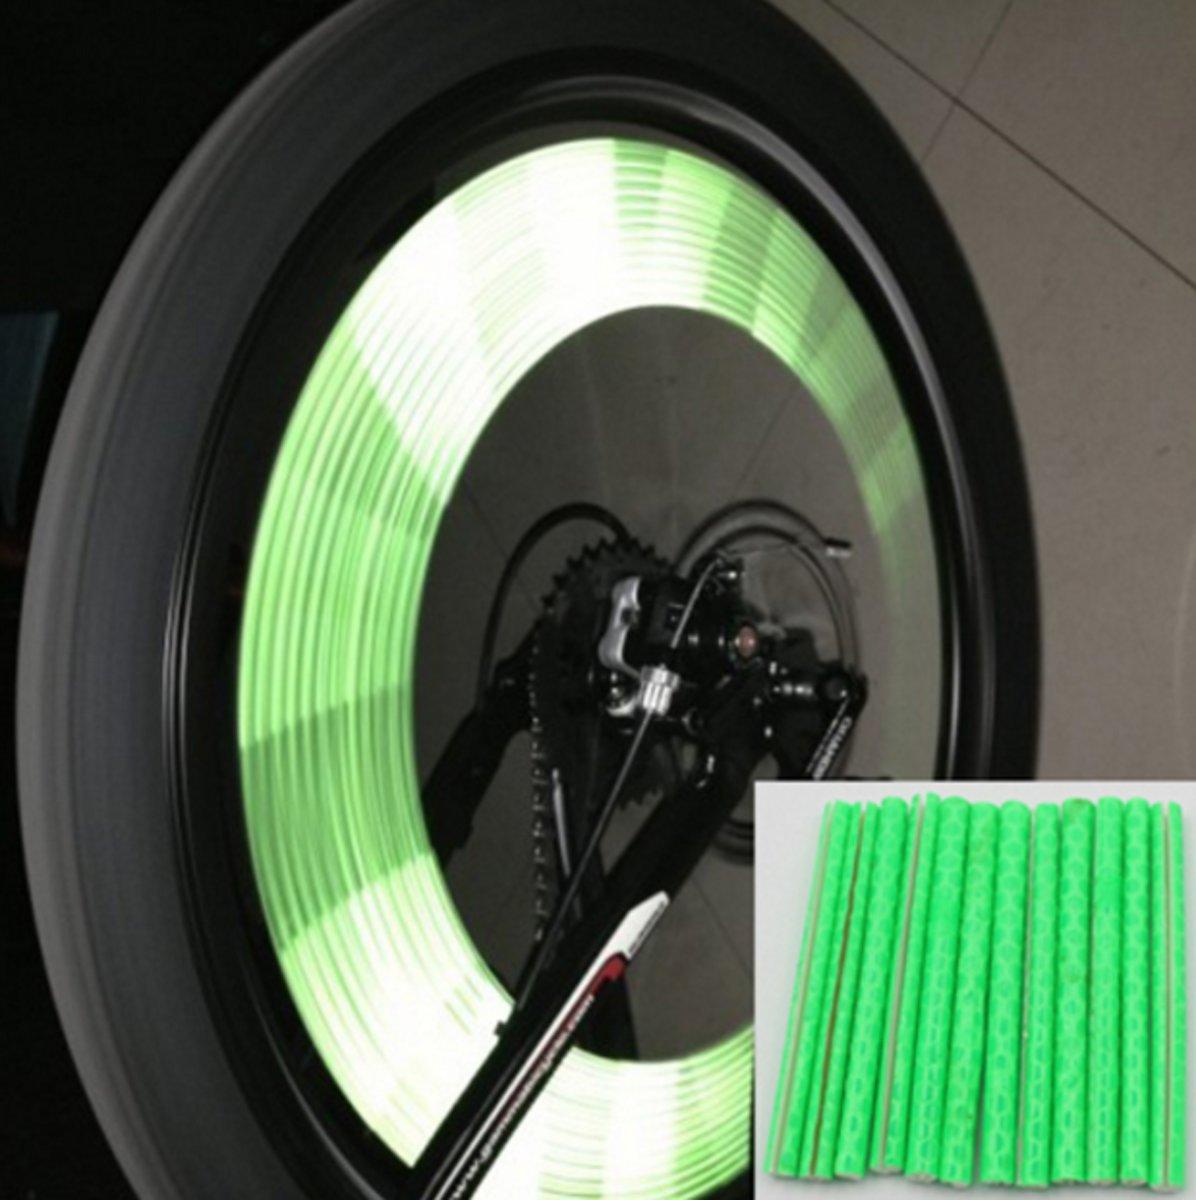 Fietswiel Spaak Reflectie Sticks (12) - Groen